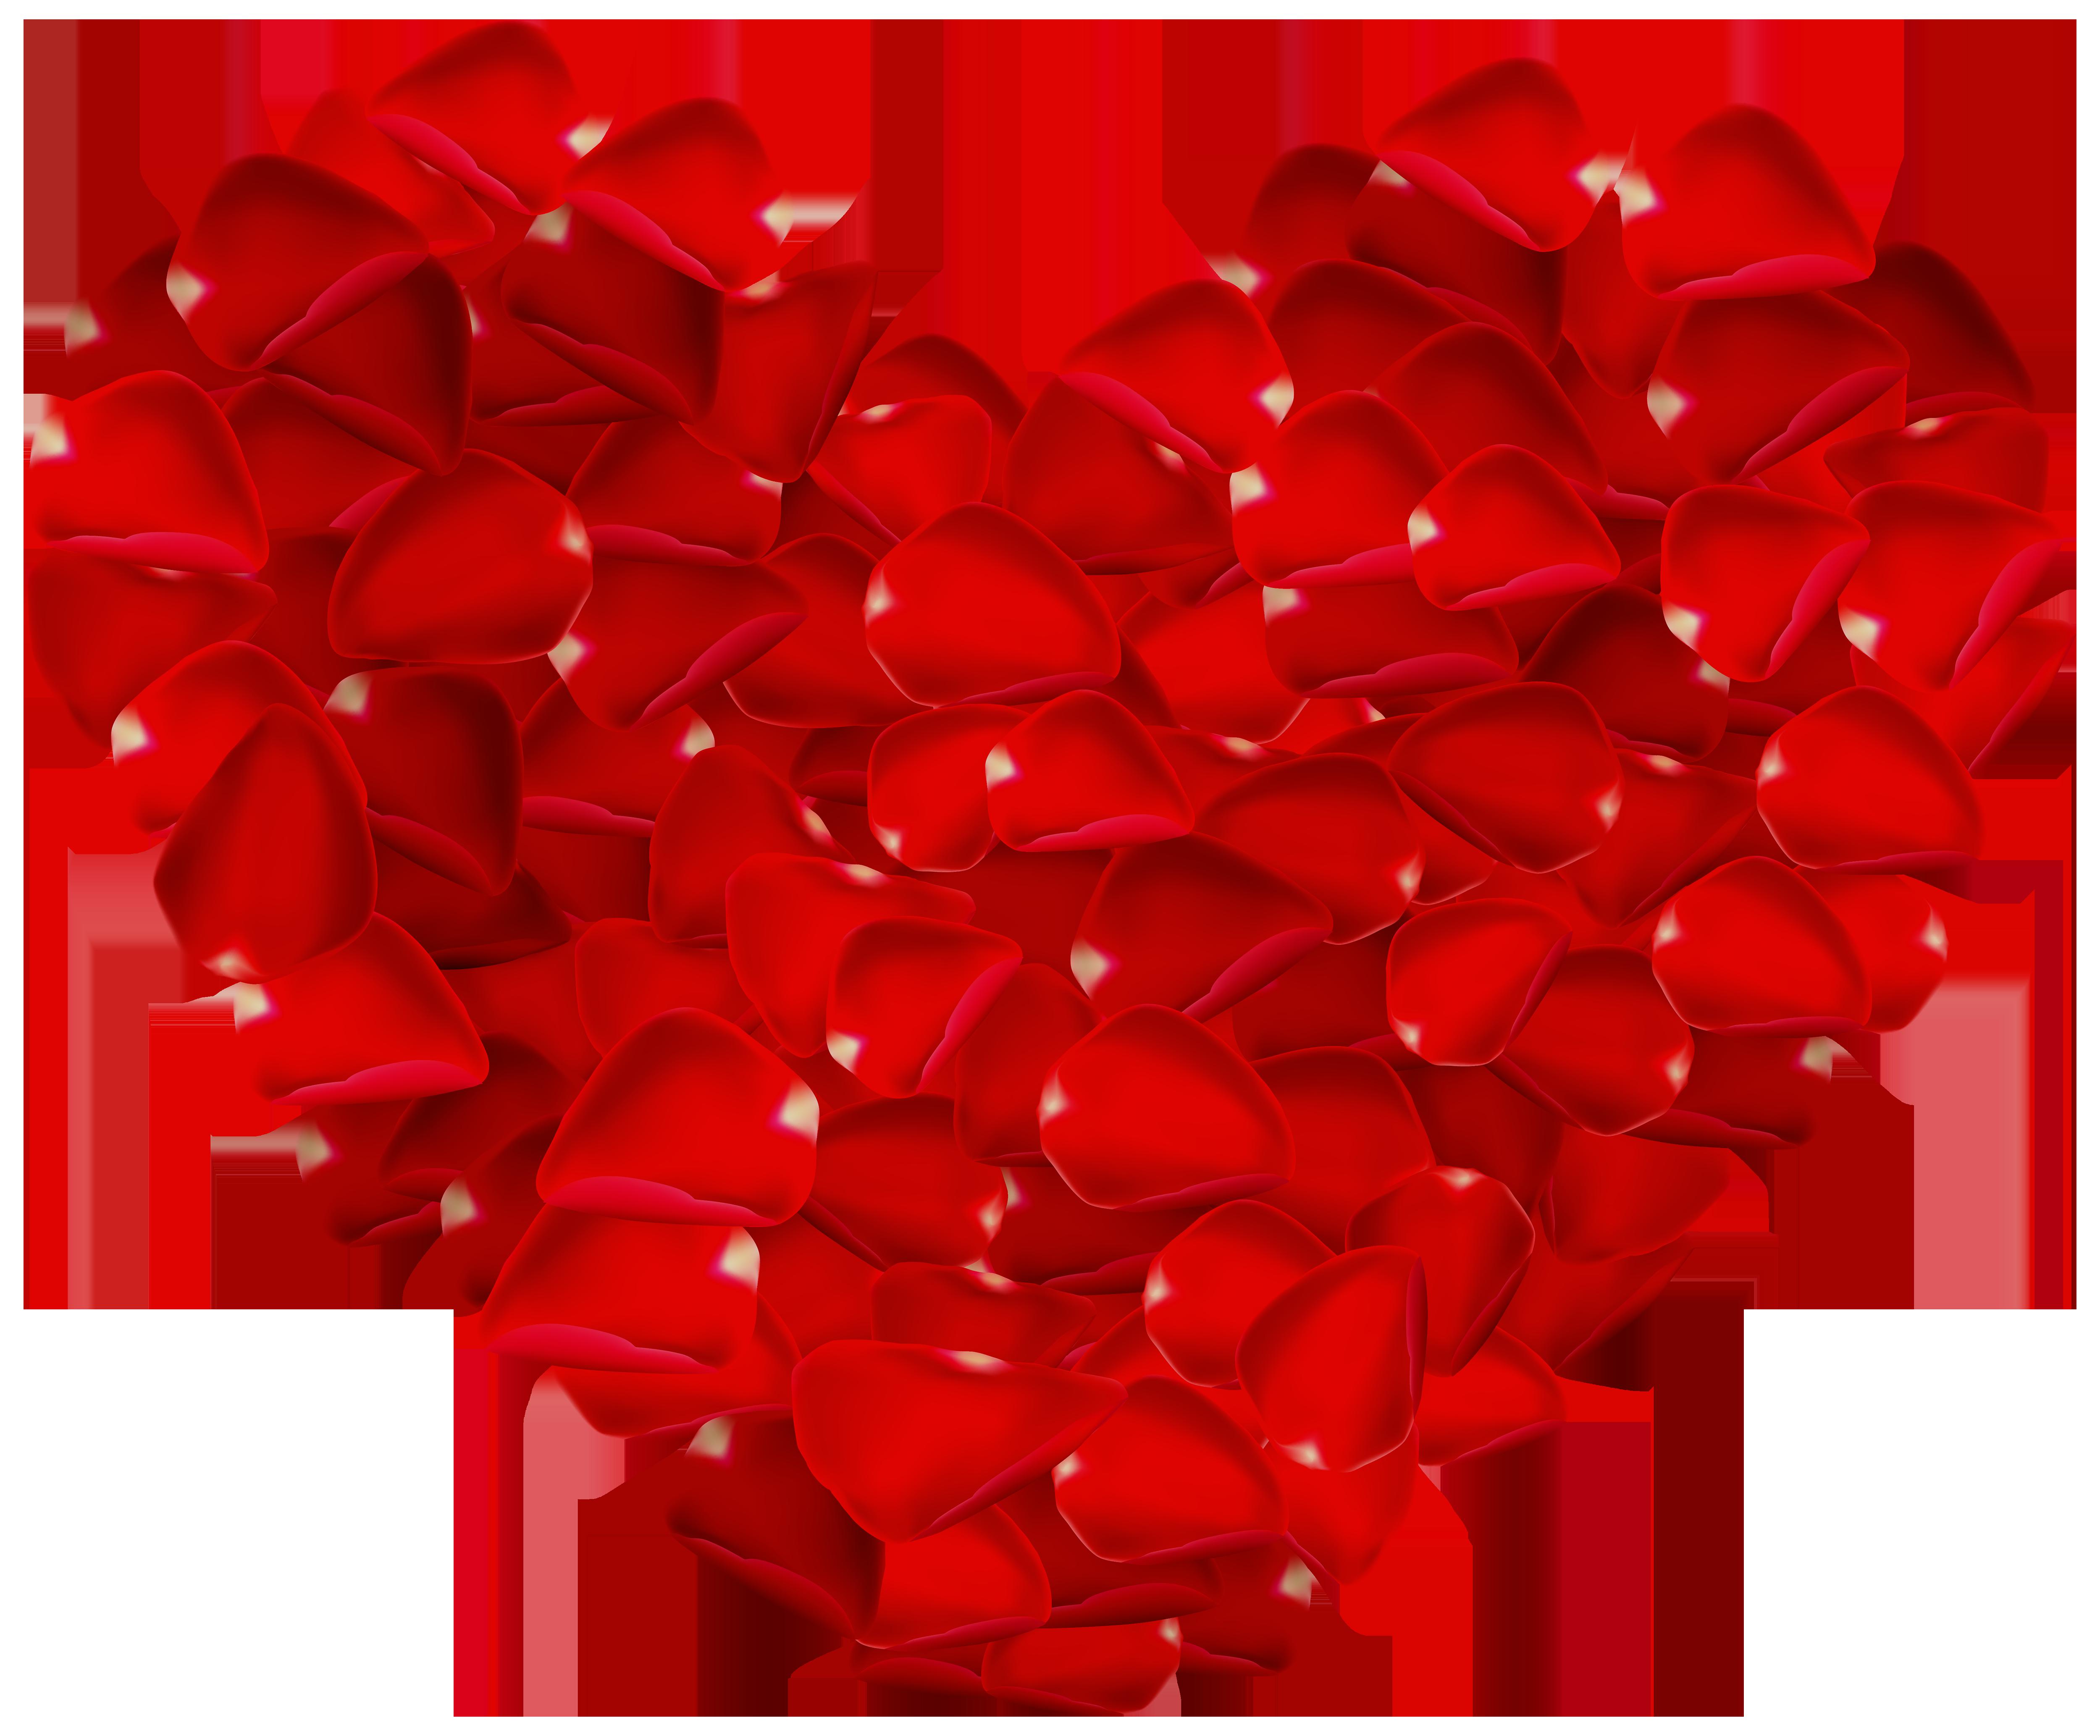 Clipart rose rose petal. Petals heart png image